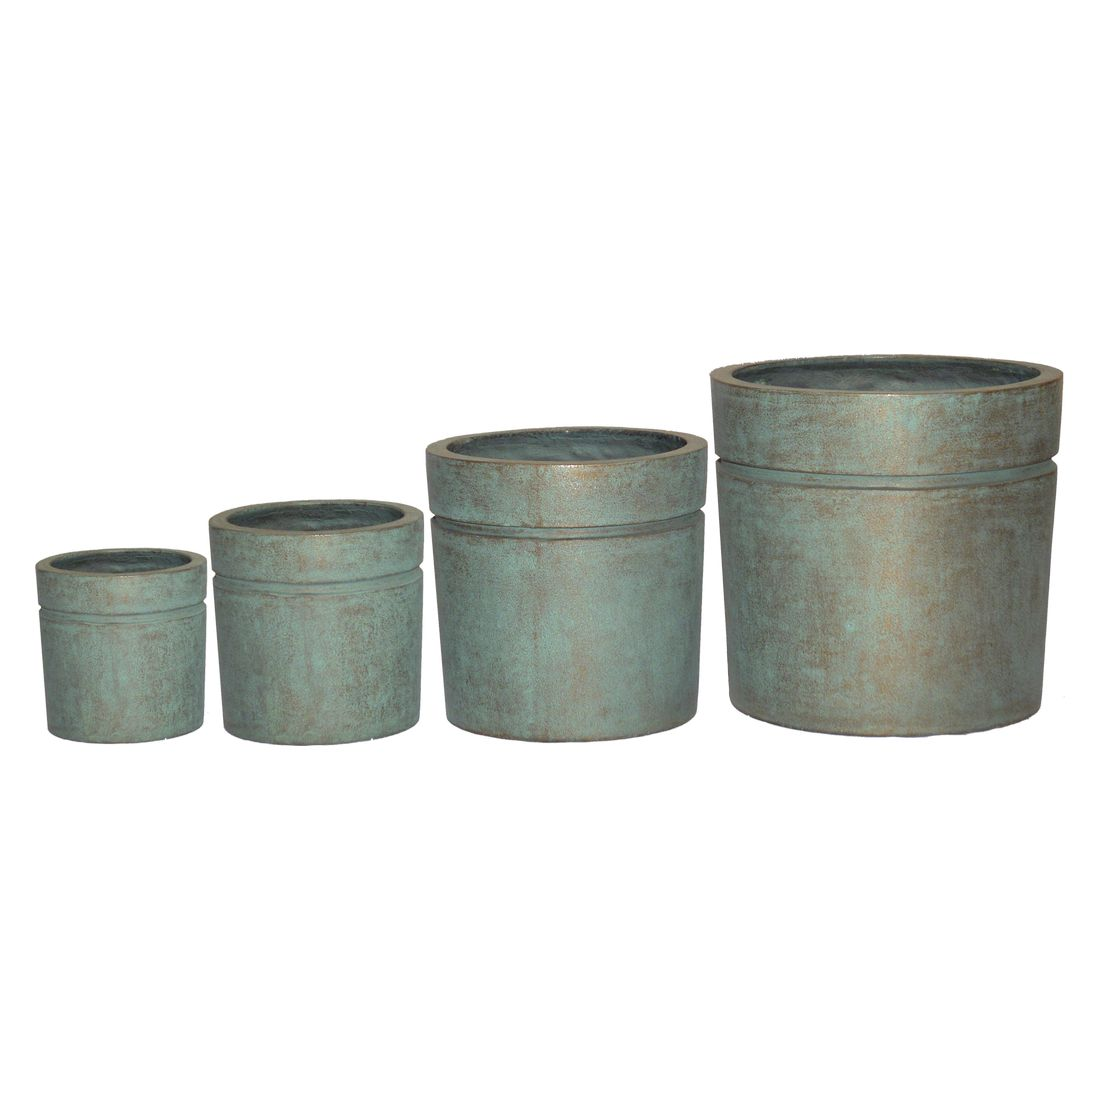 Pflanzkübel Copper Green – Kunststoff – Modern Eckig – 68 cm55 cm, Viducci's Garden jetzt bestellen